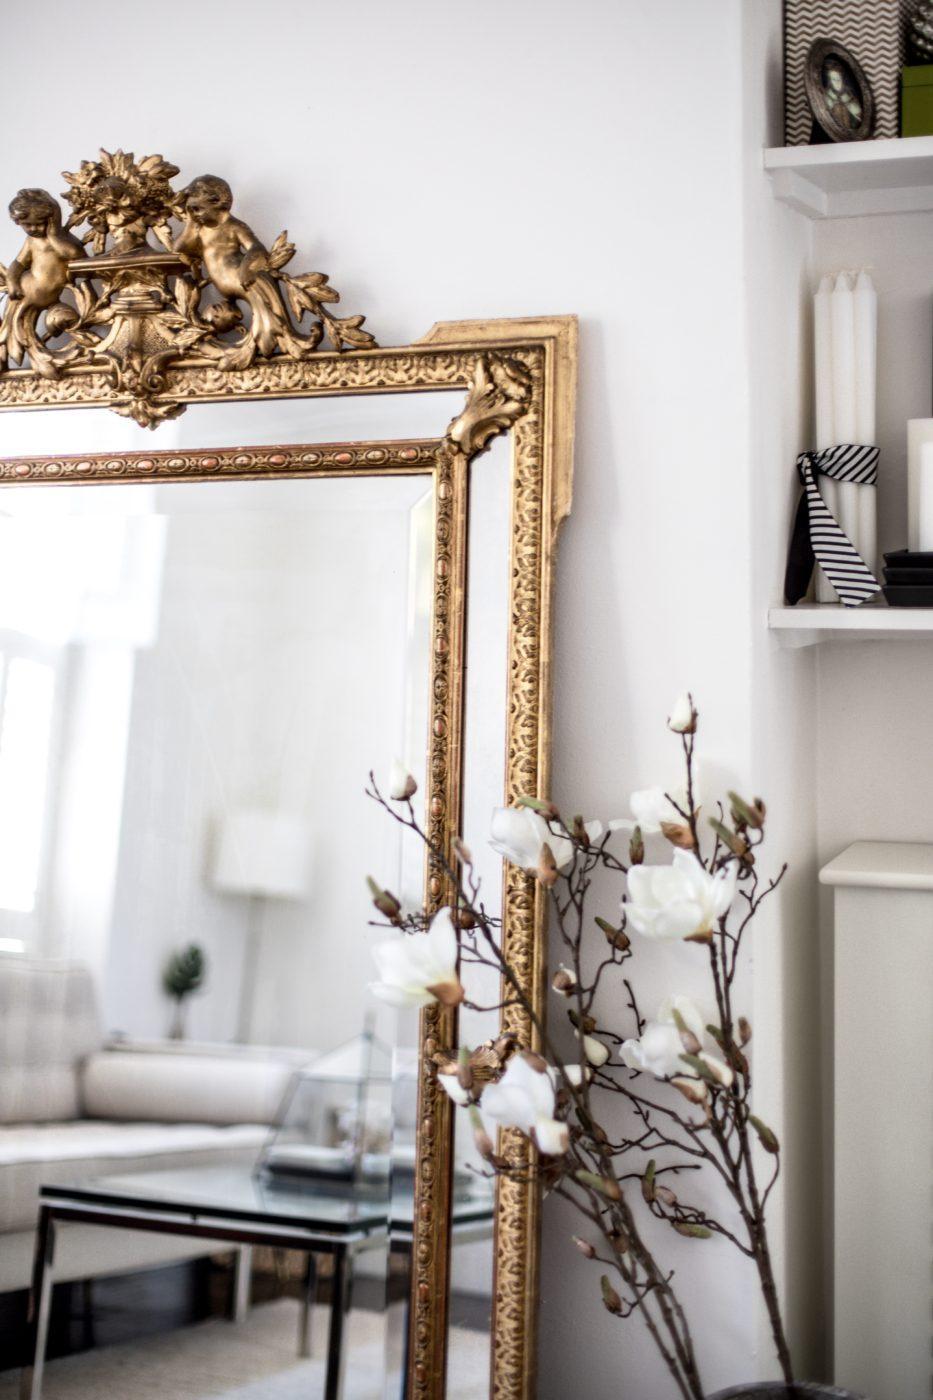 ilaria fatone inspirations - un miroir oversize ancien posé au sol